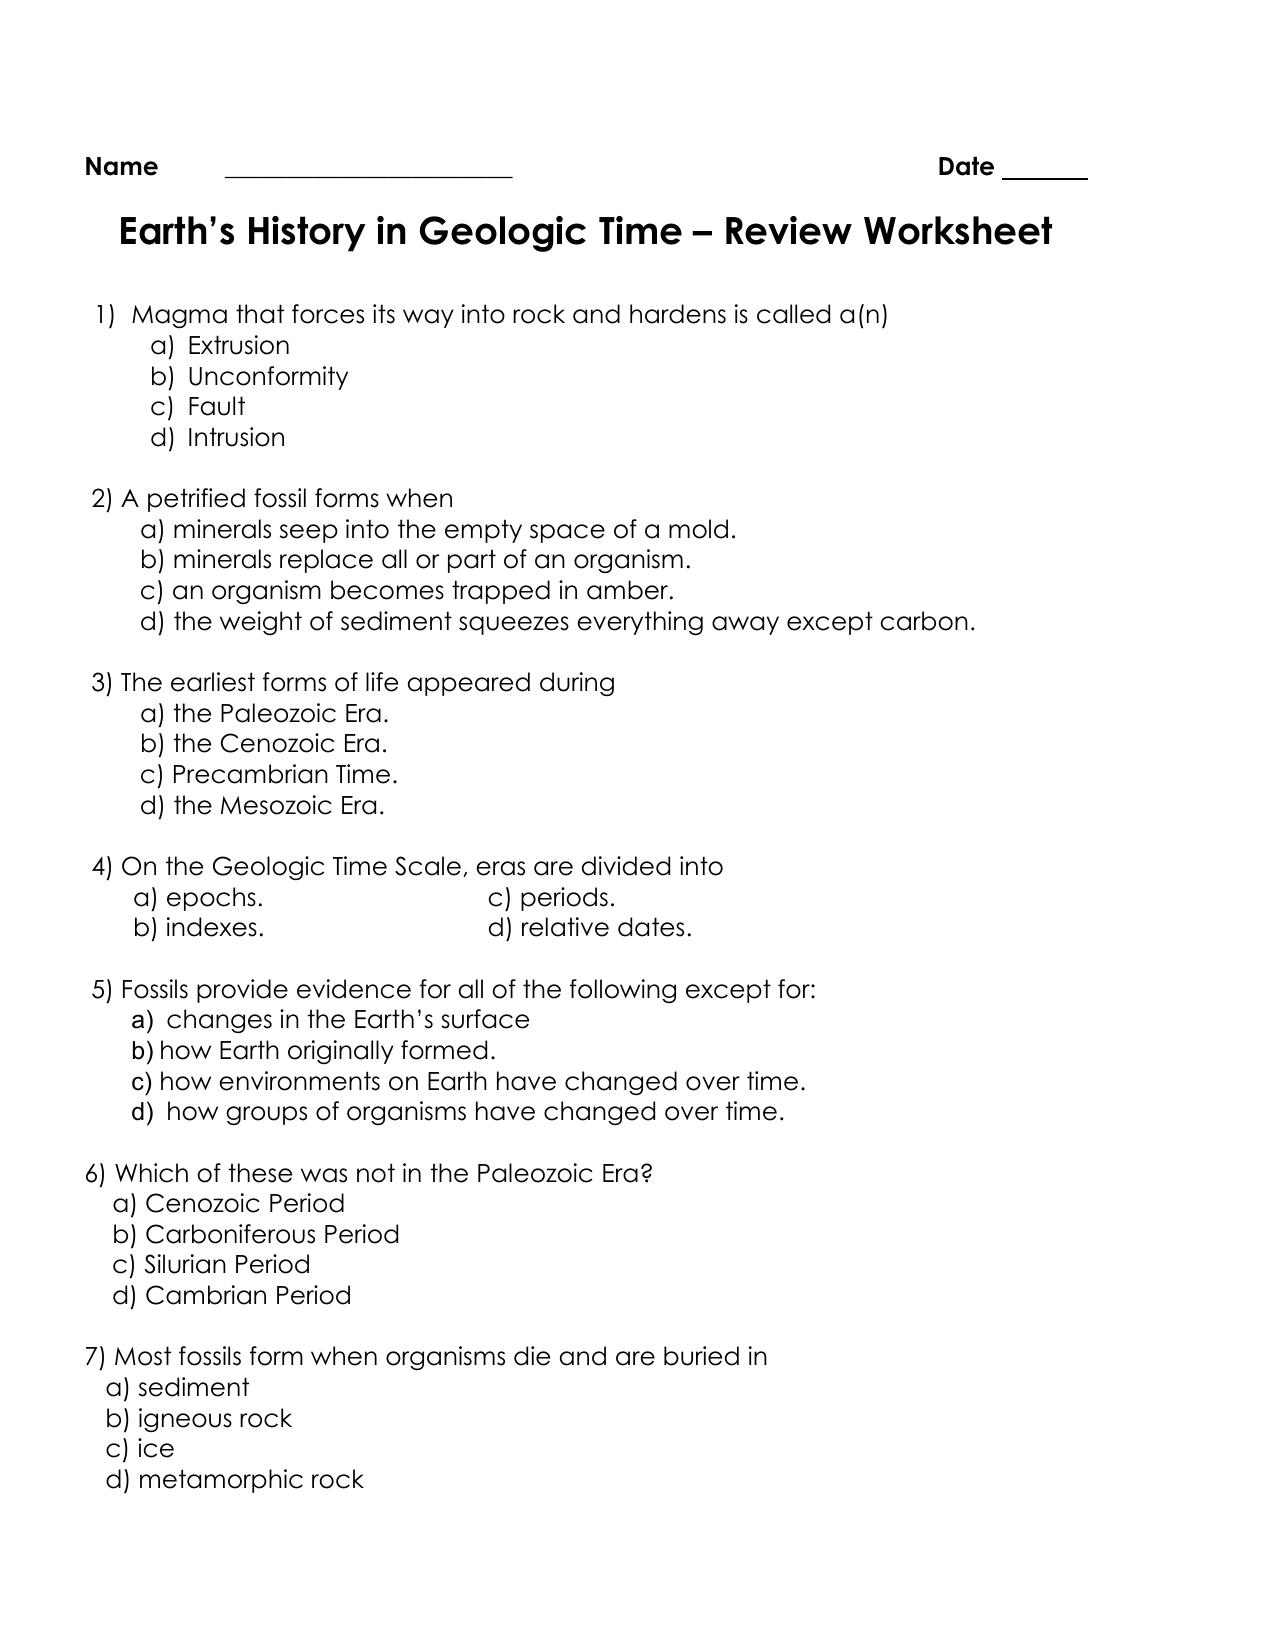 Transport Changing Over Time - Timeline Worksheet Teaching ...